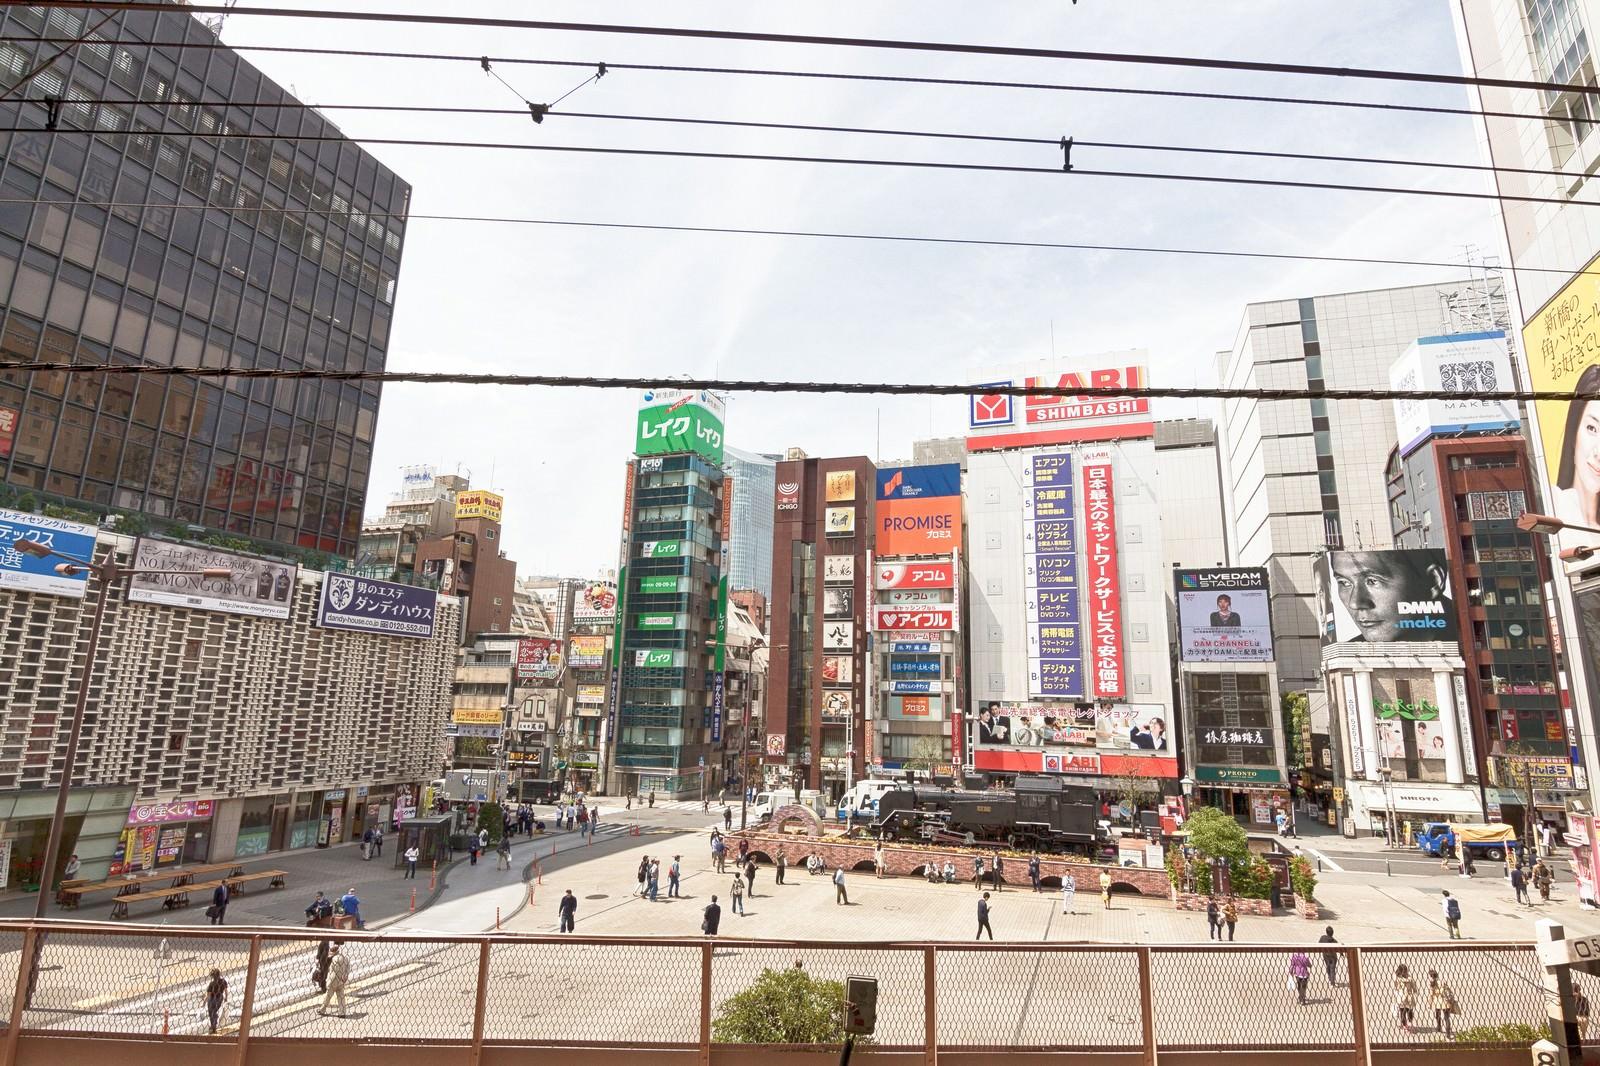 「新橋駅前SL広場」の写真